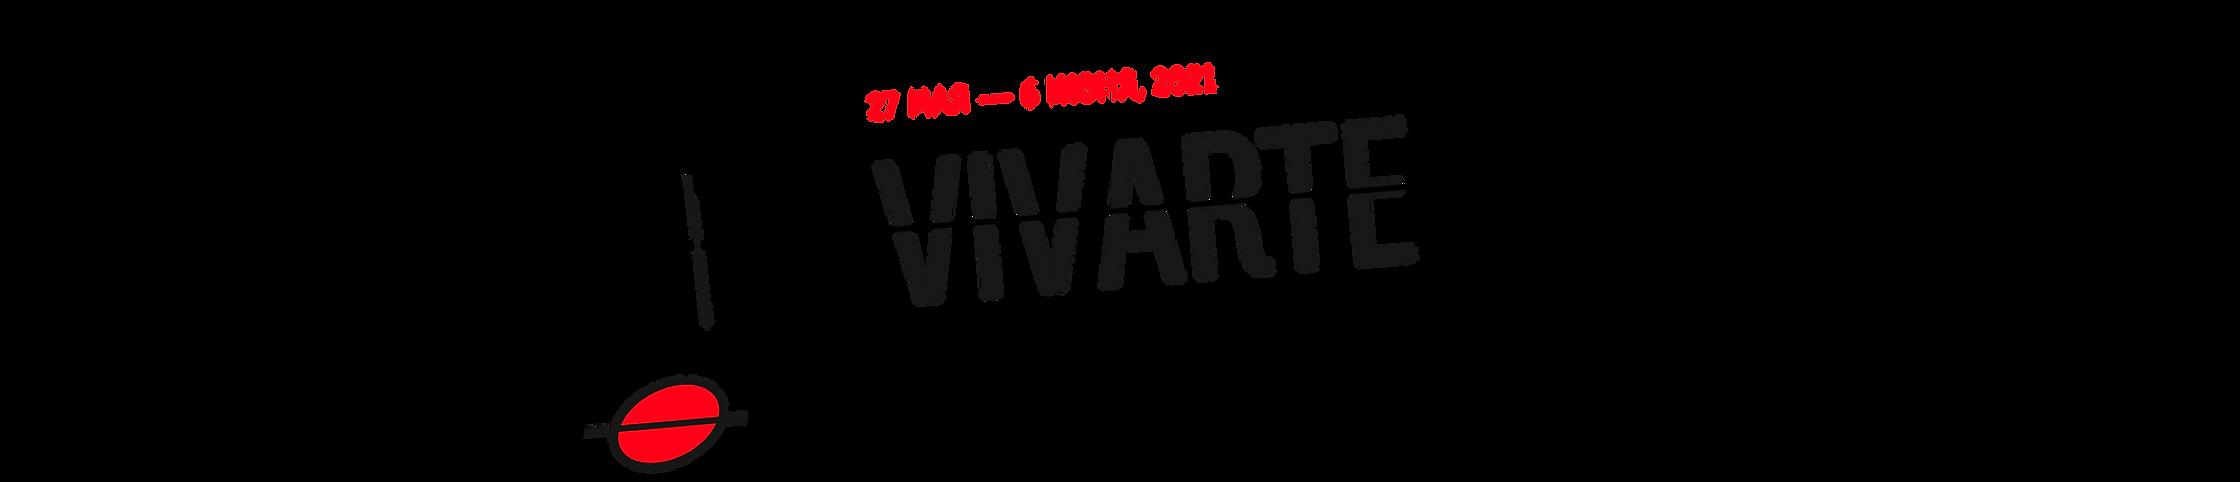 VIVARTE_2021.png